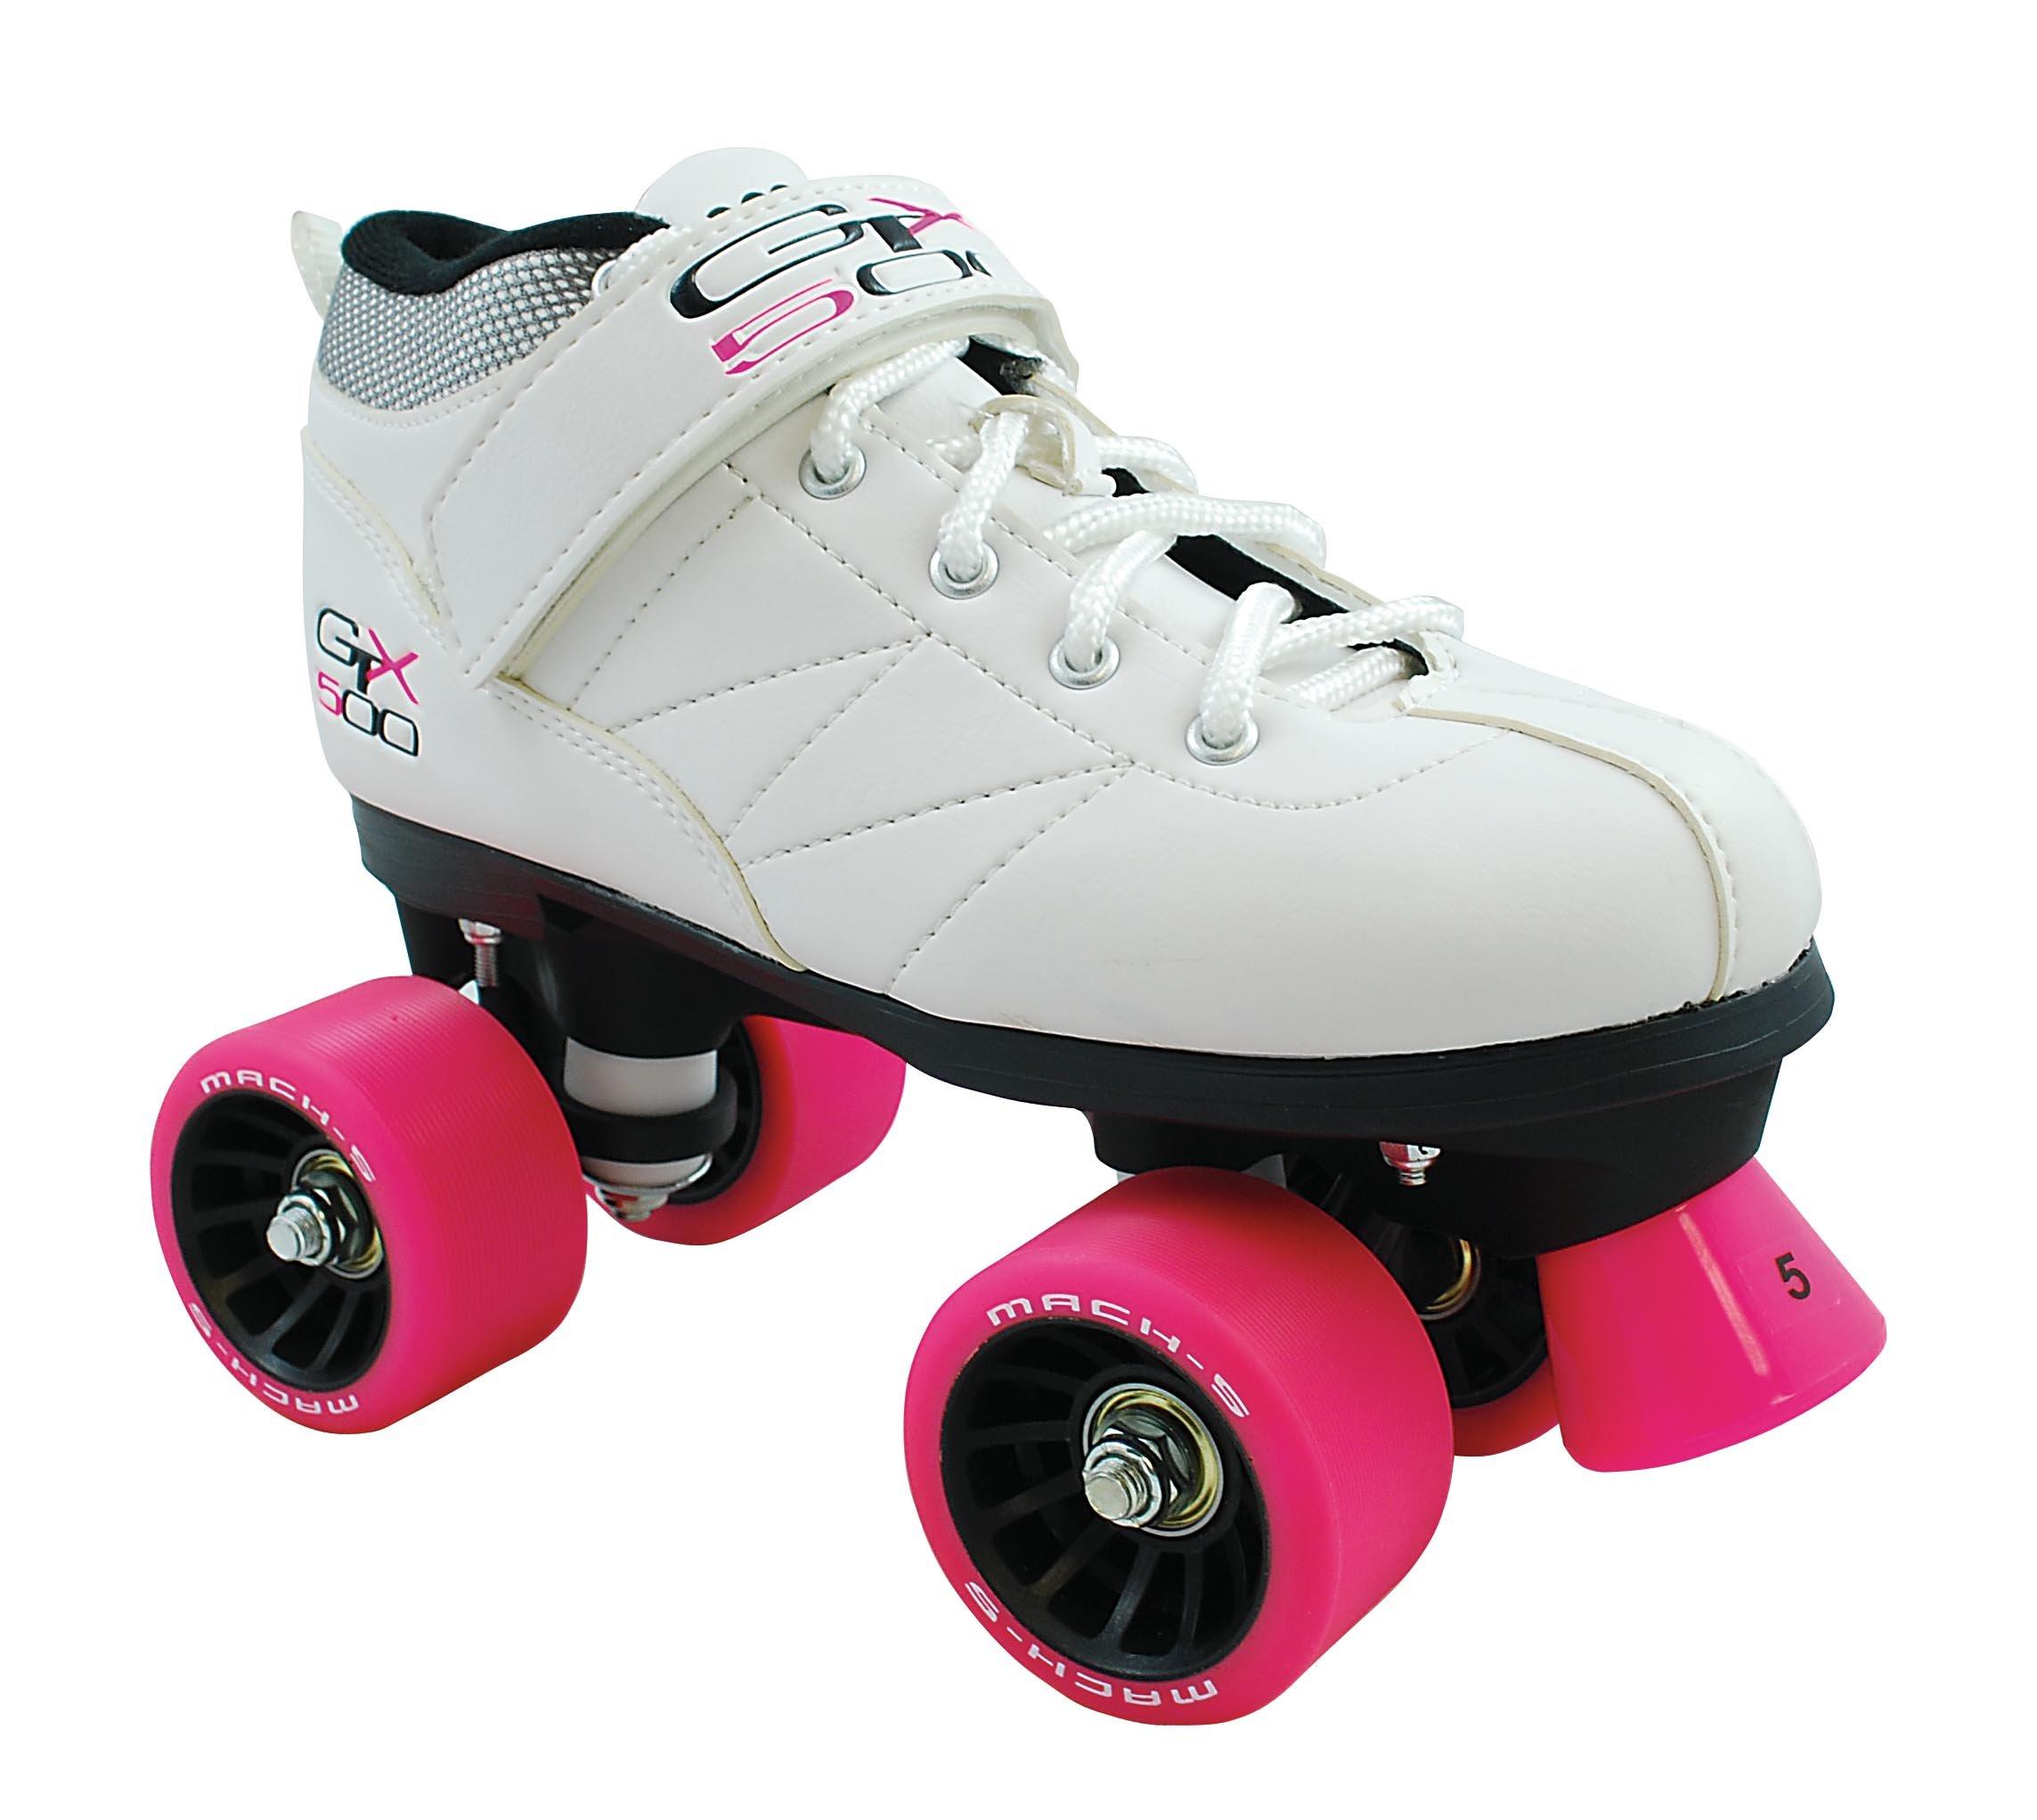 Mach5 GTX 500 Roller Skate - White - Size 9 by Mach5